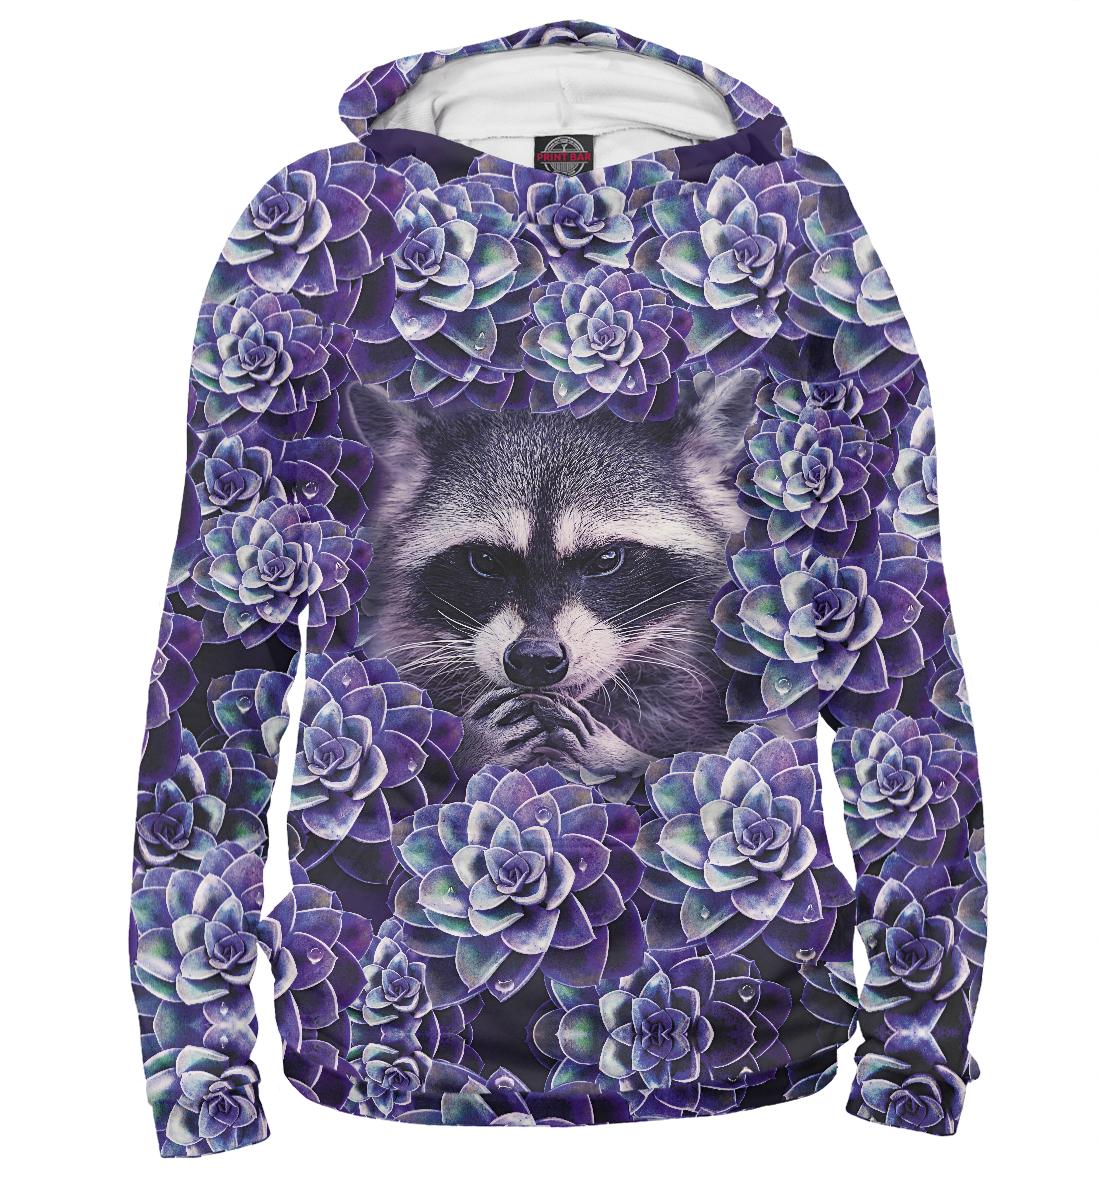 Купить Енот в цветах, Printbar, Худи, ENT-961800-hud-2